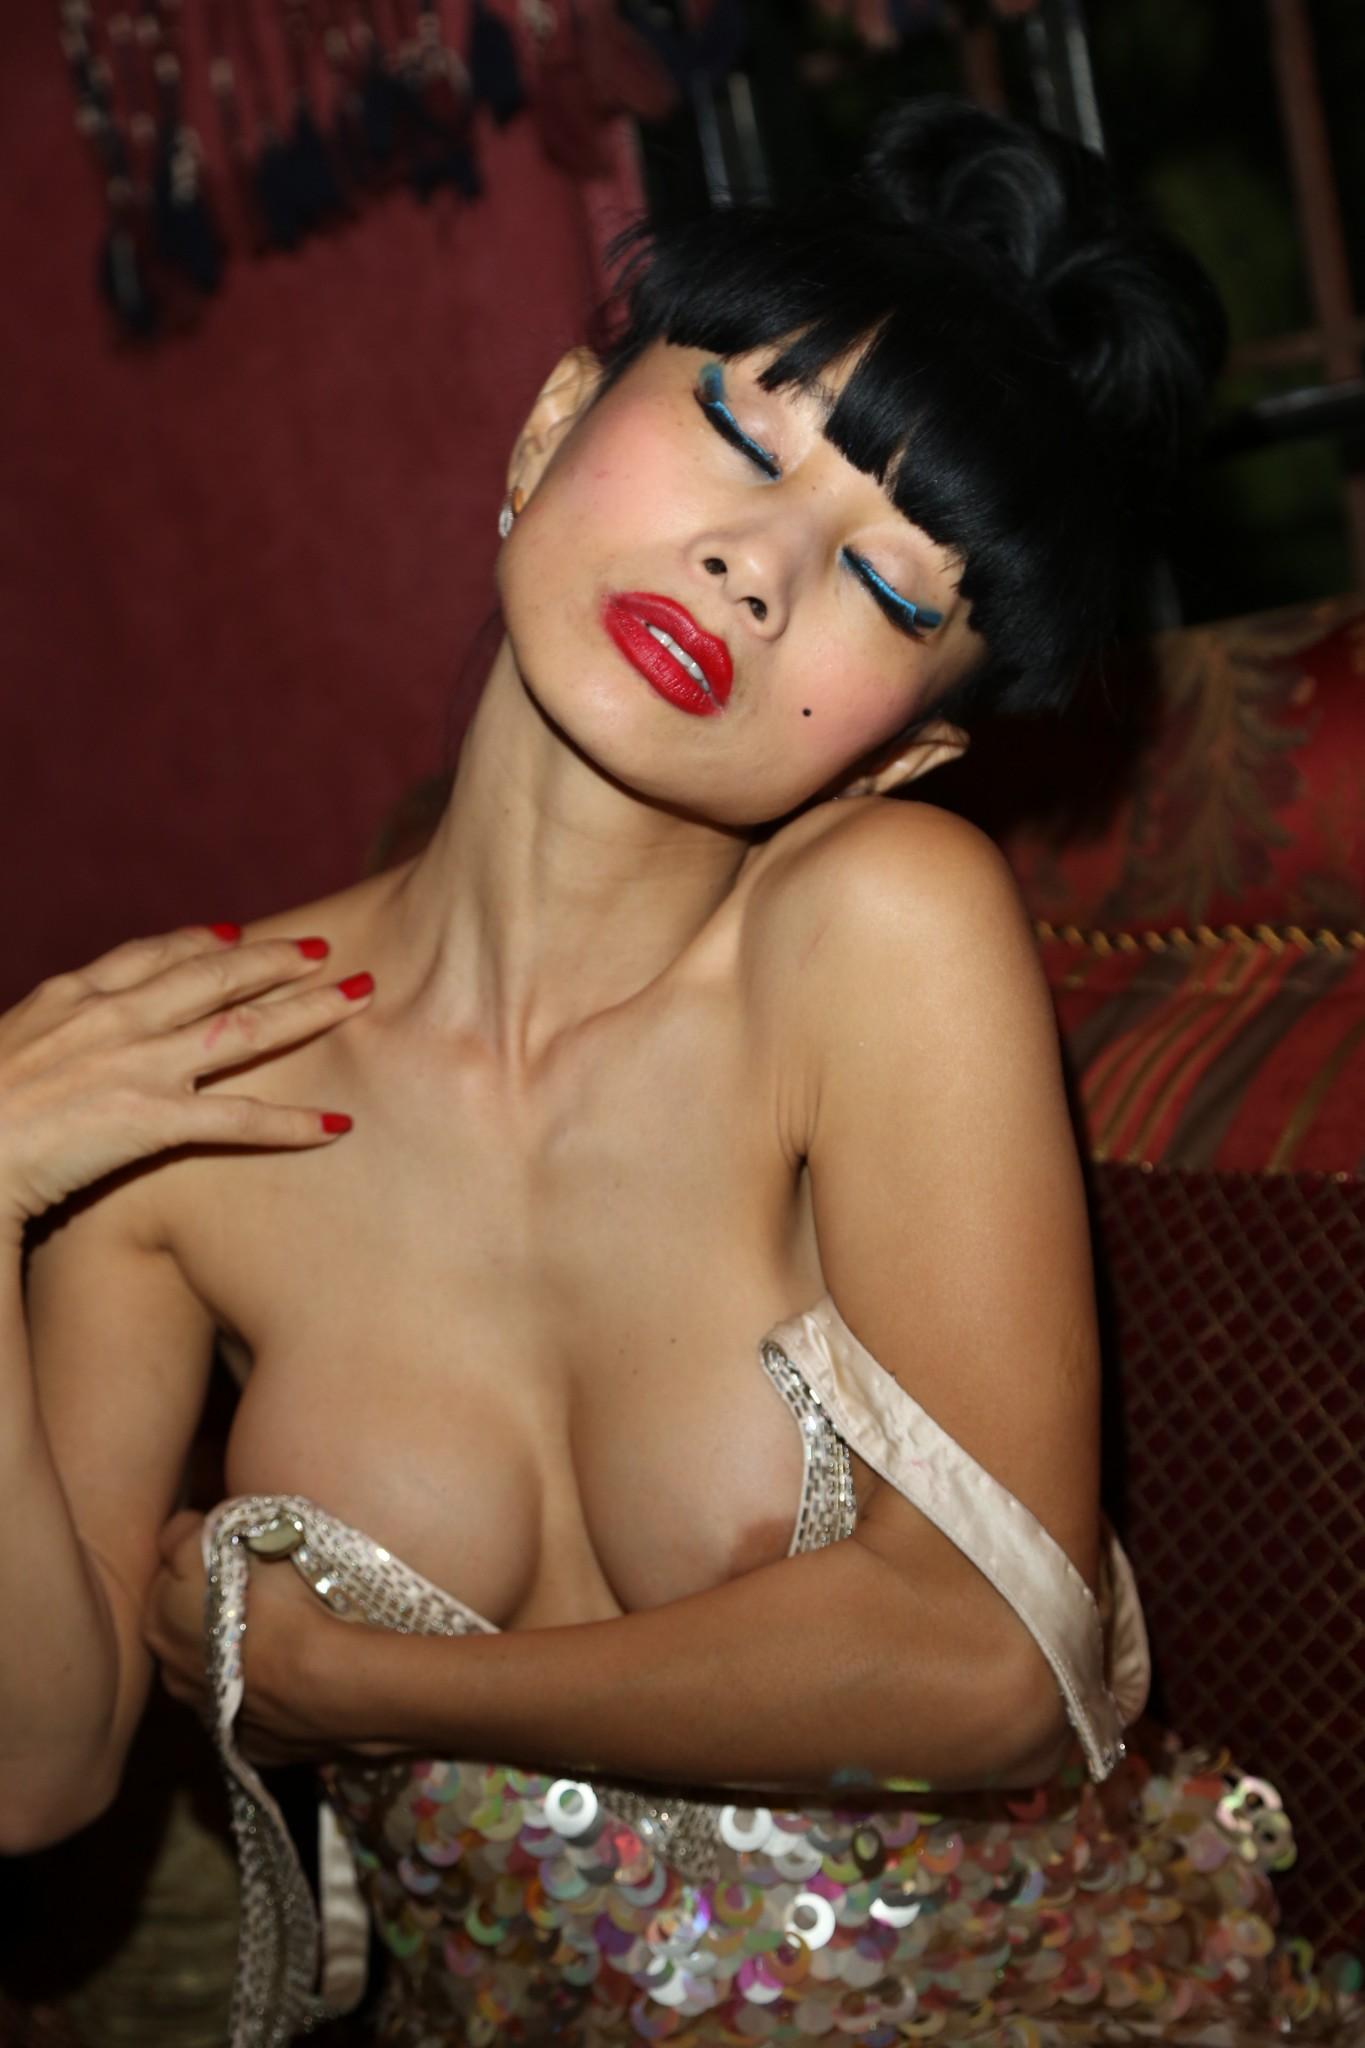 Bai+Ling+nude